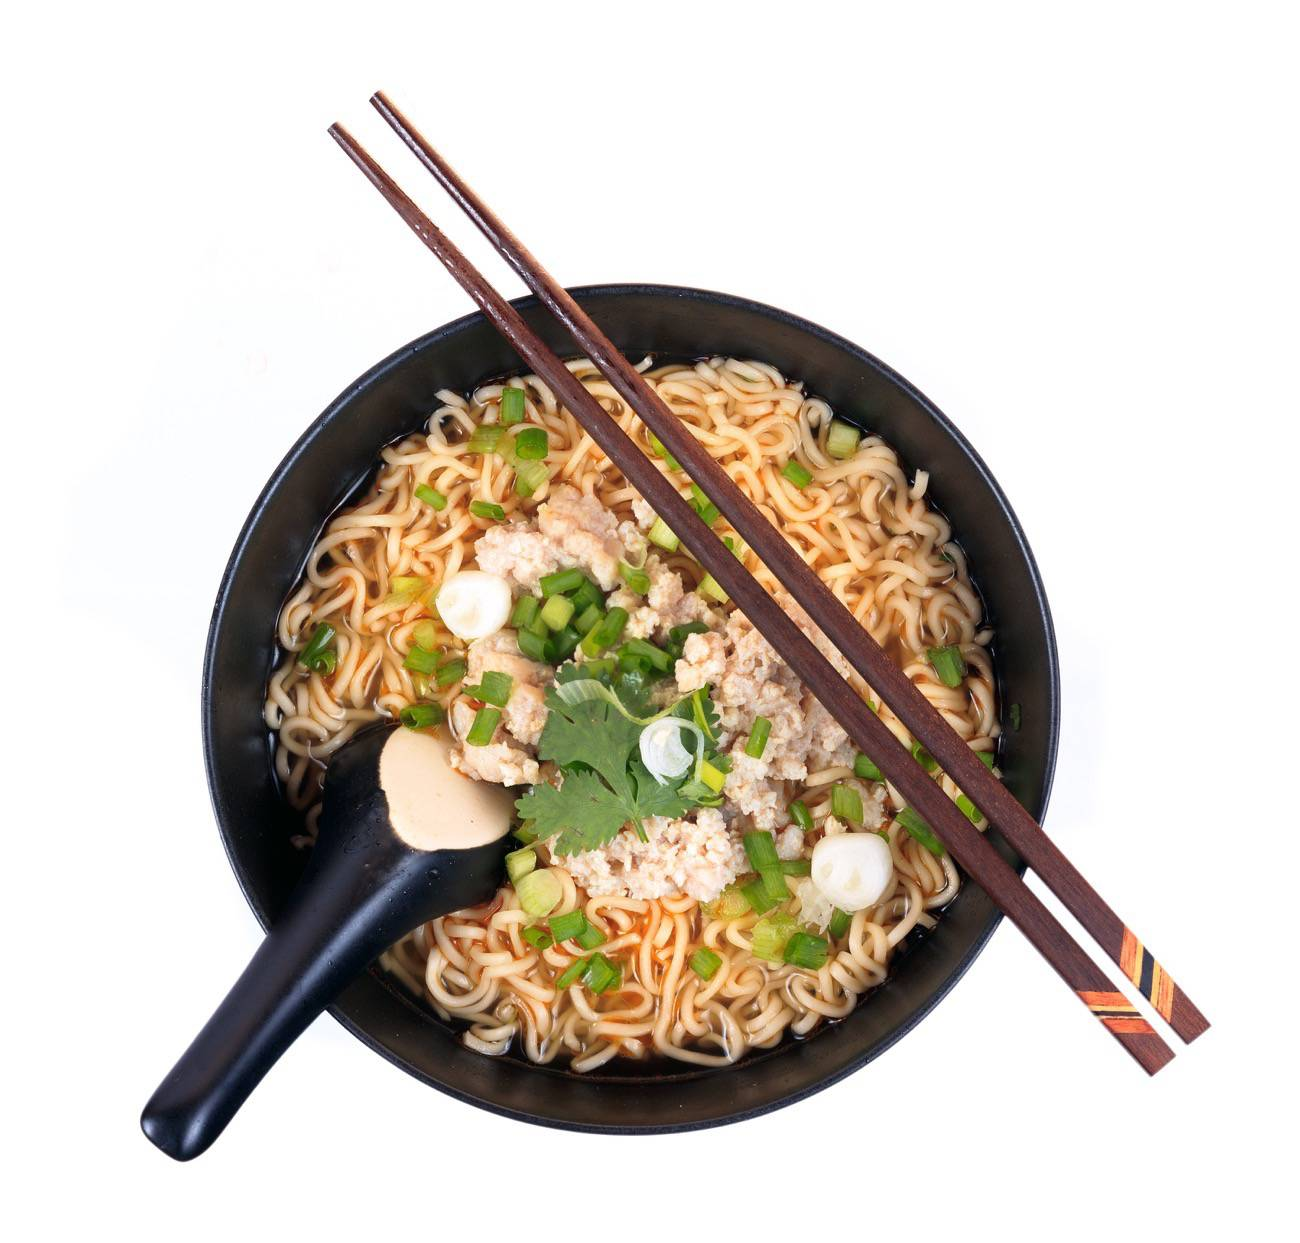 receta de tallarines al estilo asiatico